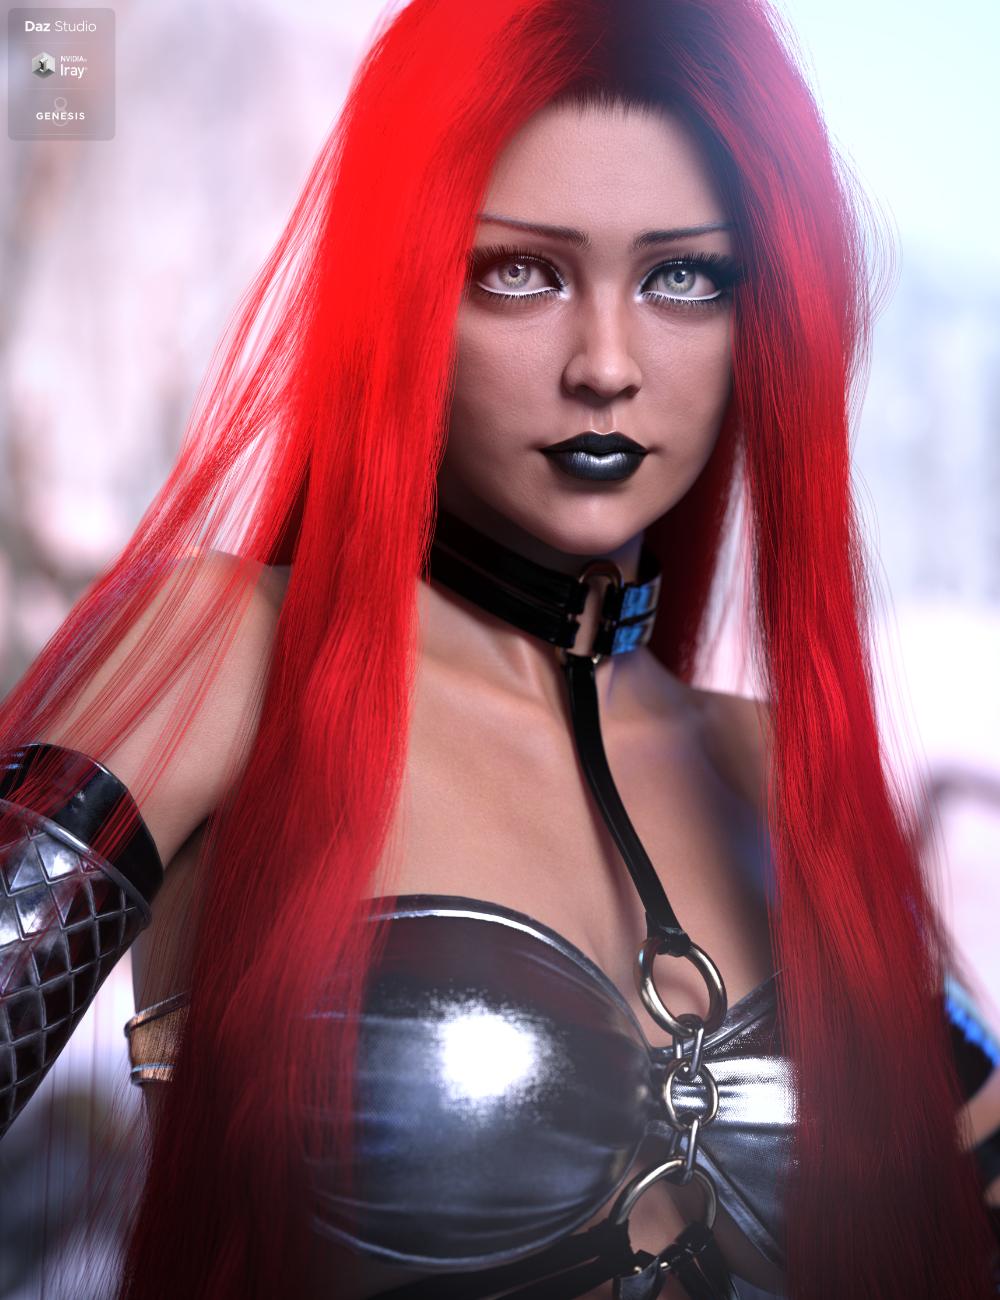 Belkah HD for Genesis 8.1 Female by: HM, 3D Models by Daz 3D